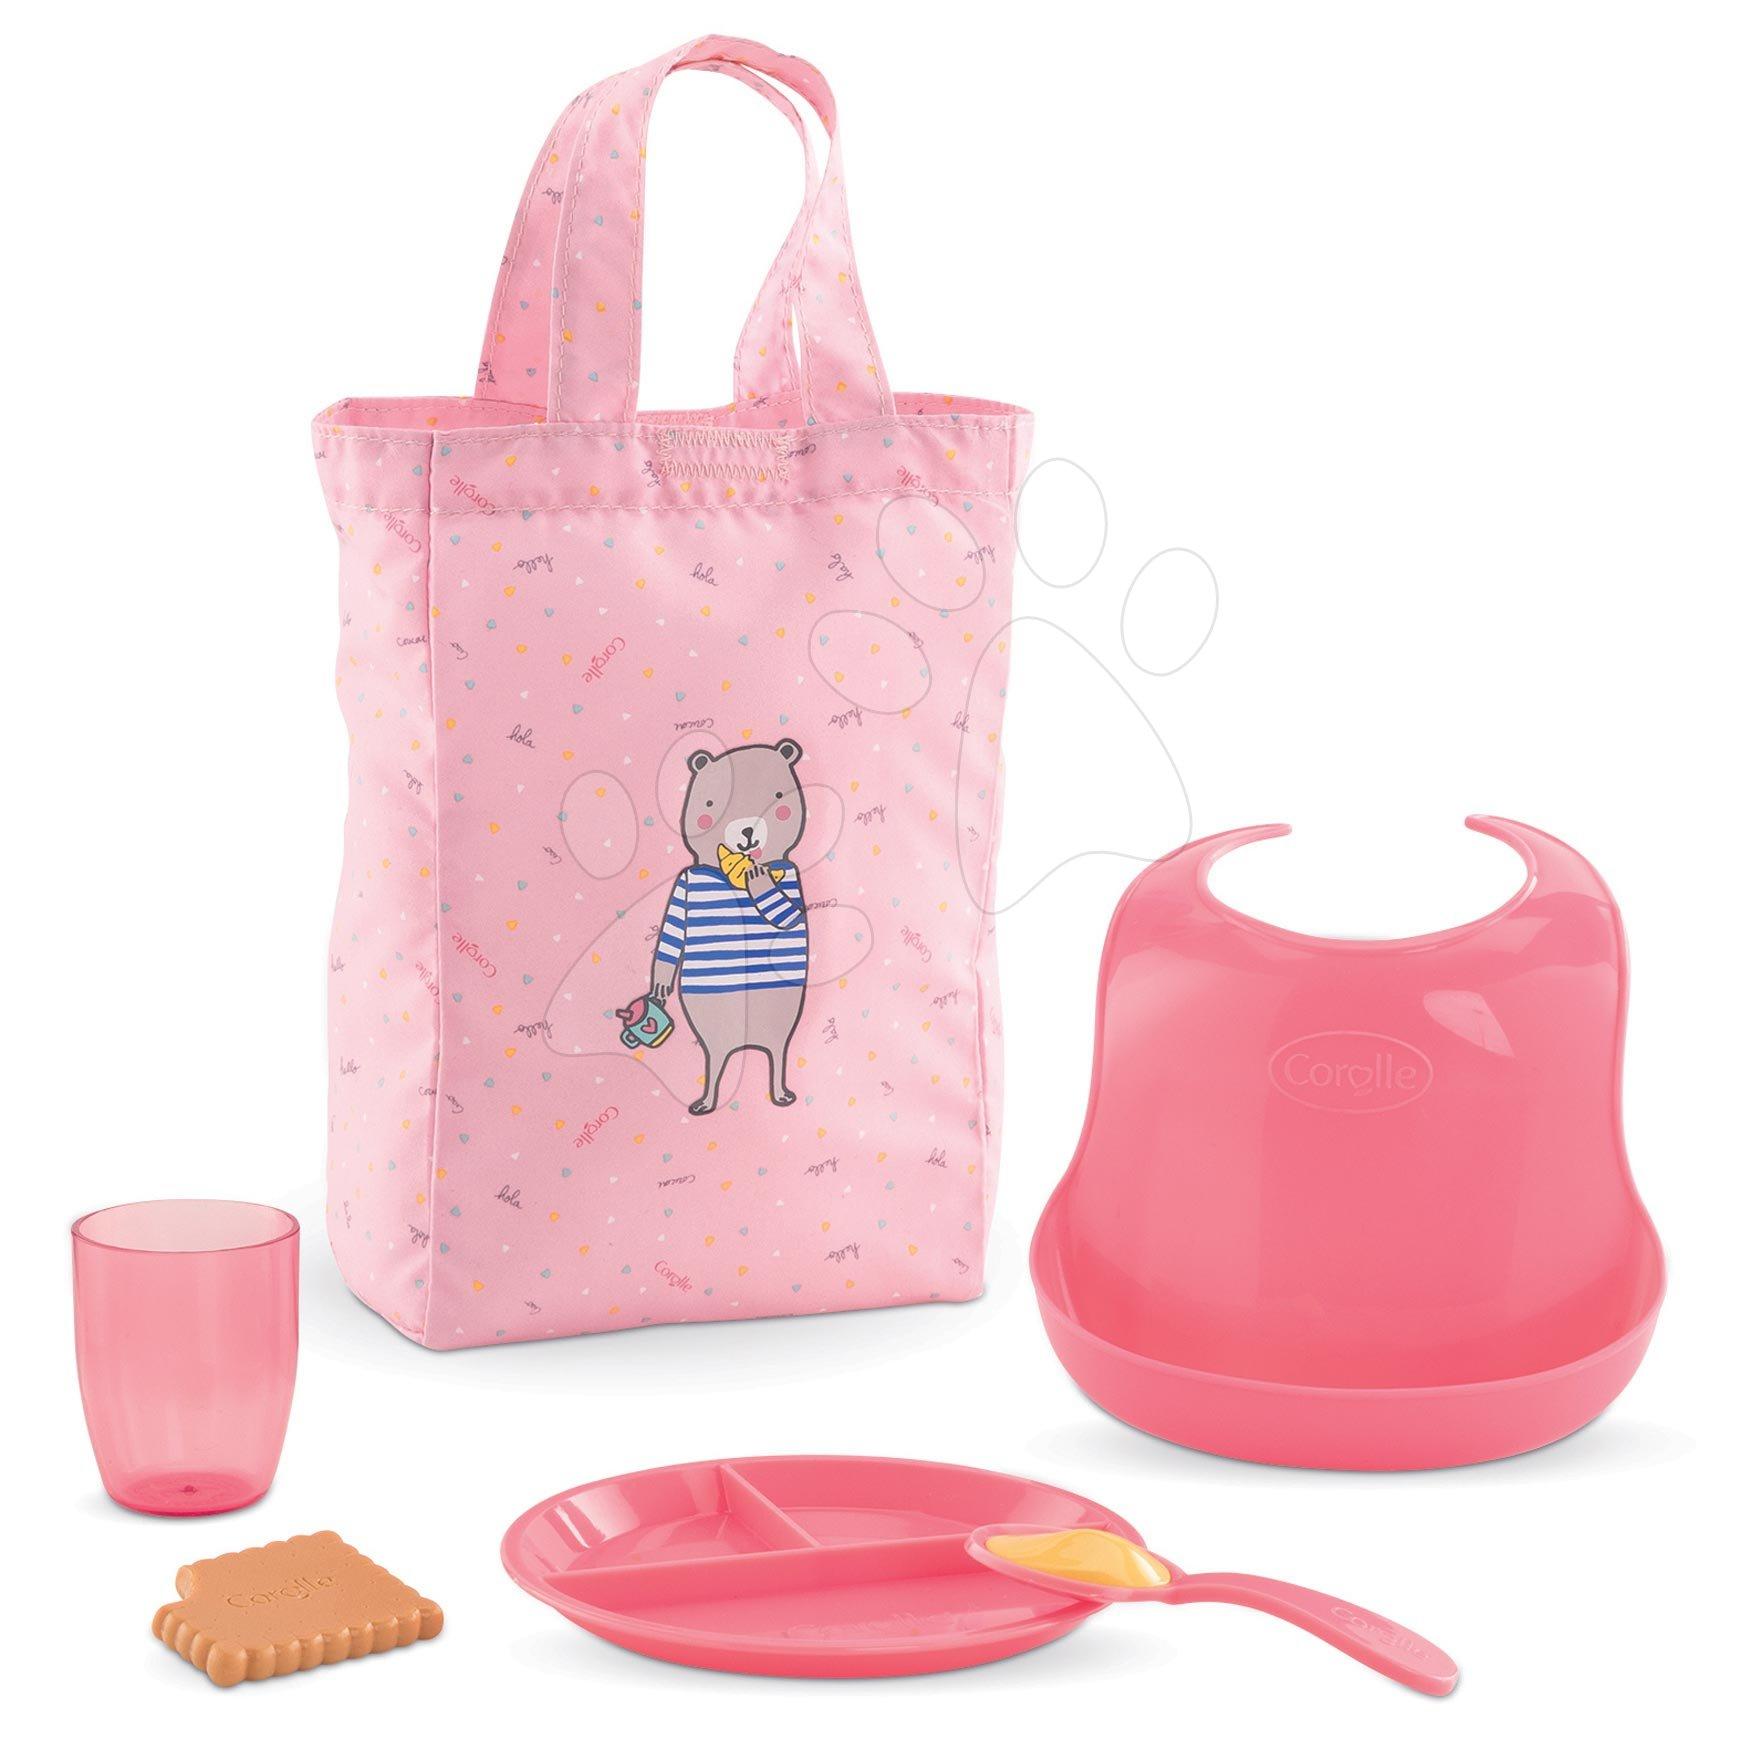 Jedálenská súprava s taškou a podbradníkom Meal Set Mon Grand Poupon Corolle s doplnkami pre 36-42 cm bábiku od 24 mes